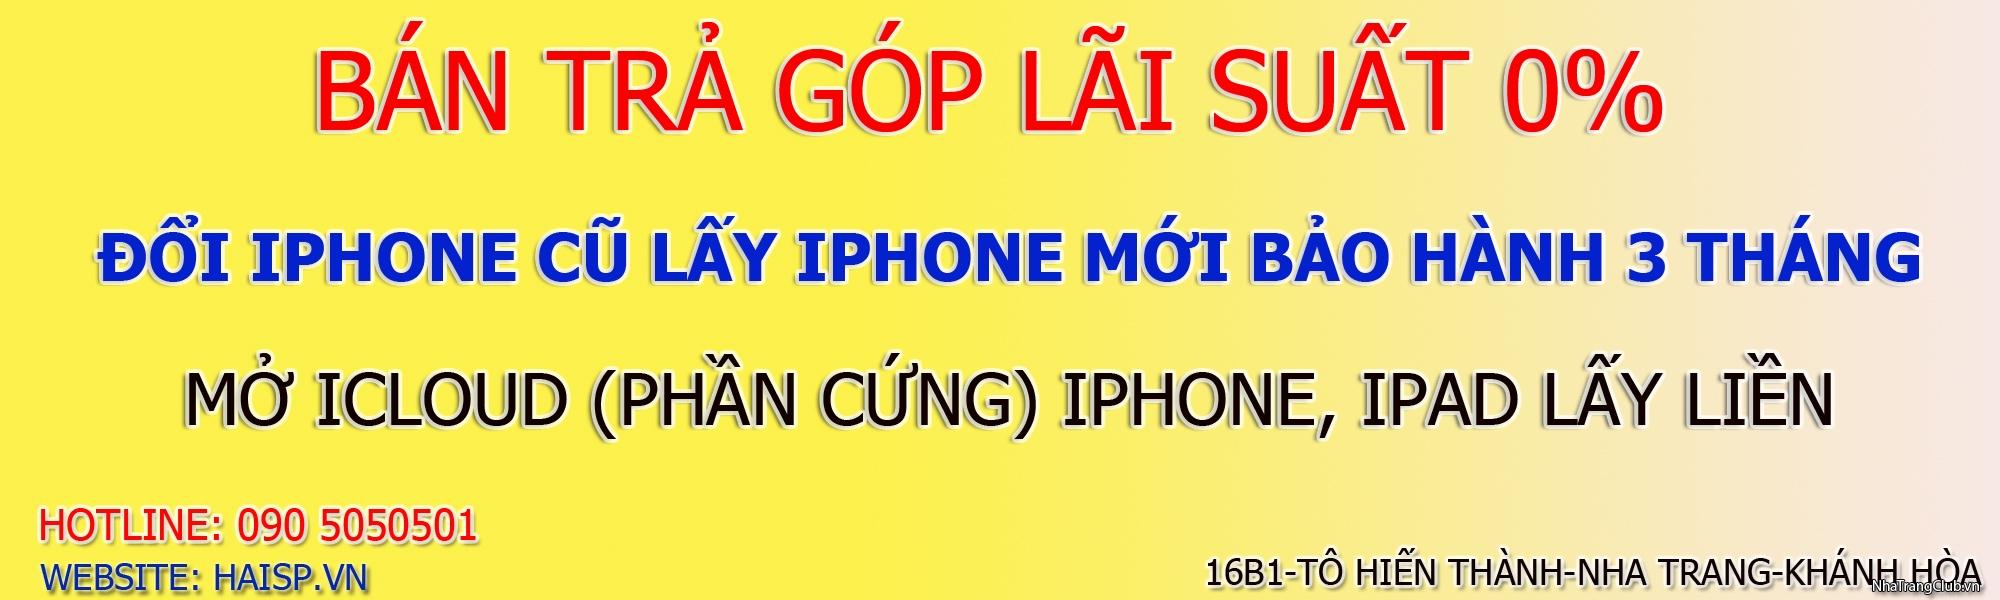 Diện thoại di động: CỬA HÀNG ĐIỆN THOẠI DI ĐỘNG HAISP.VN 22849980751_45582d8c92_o